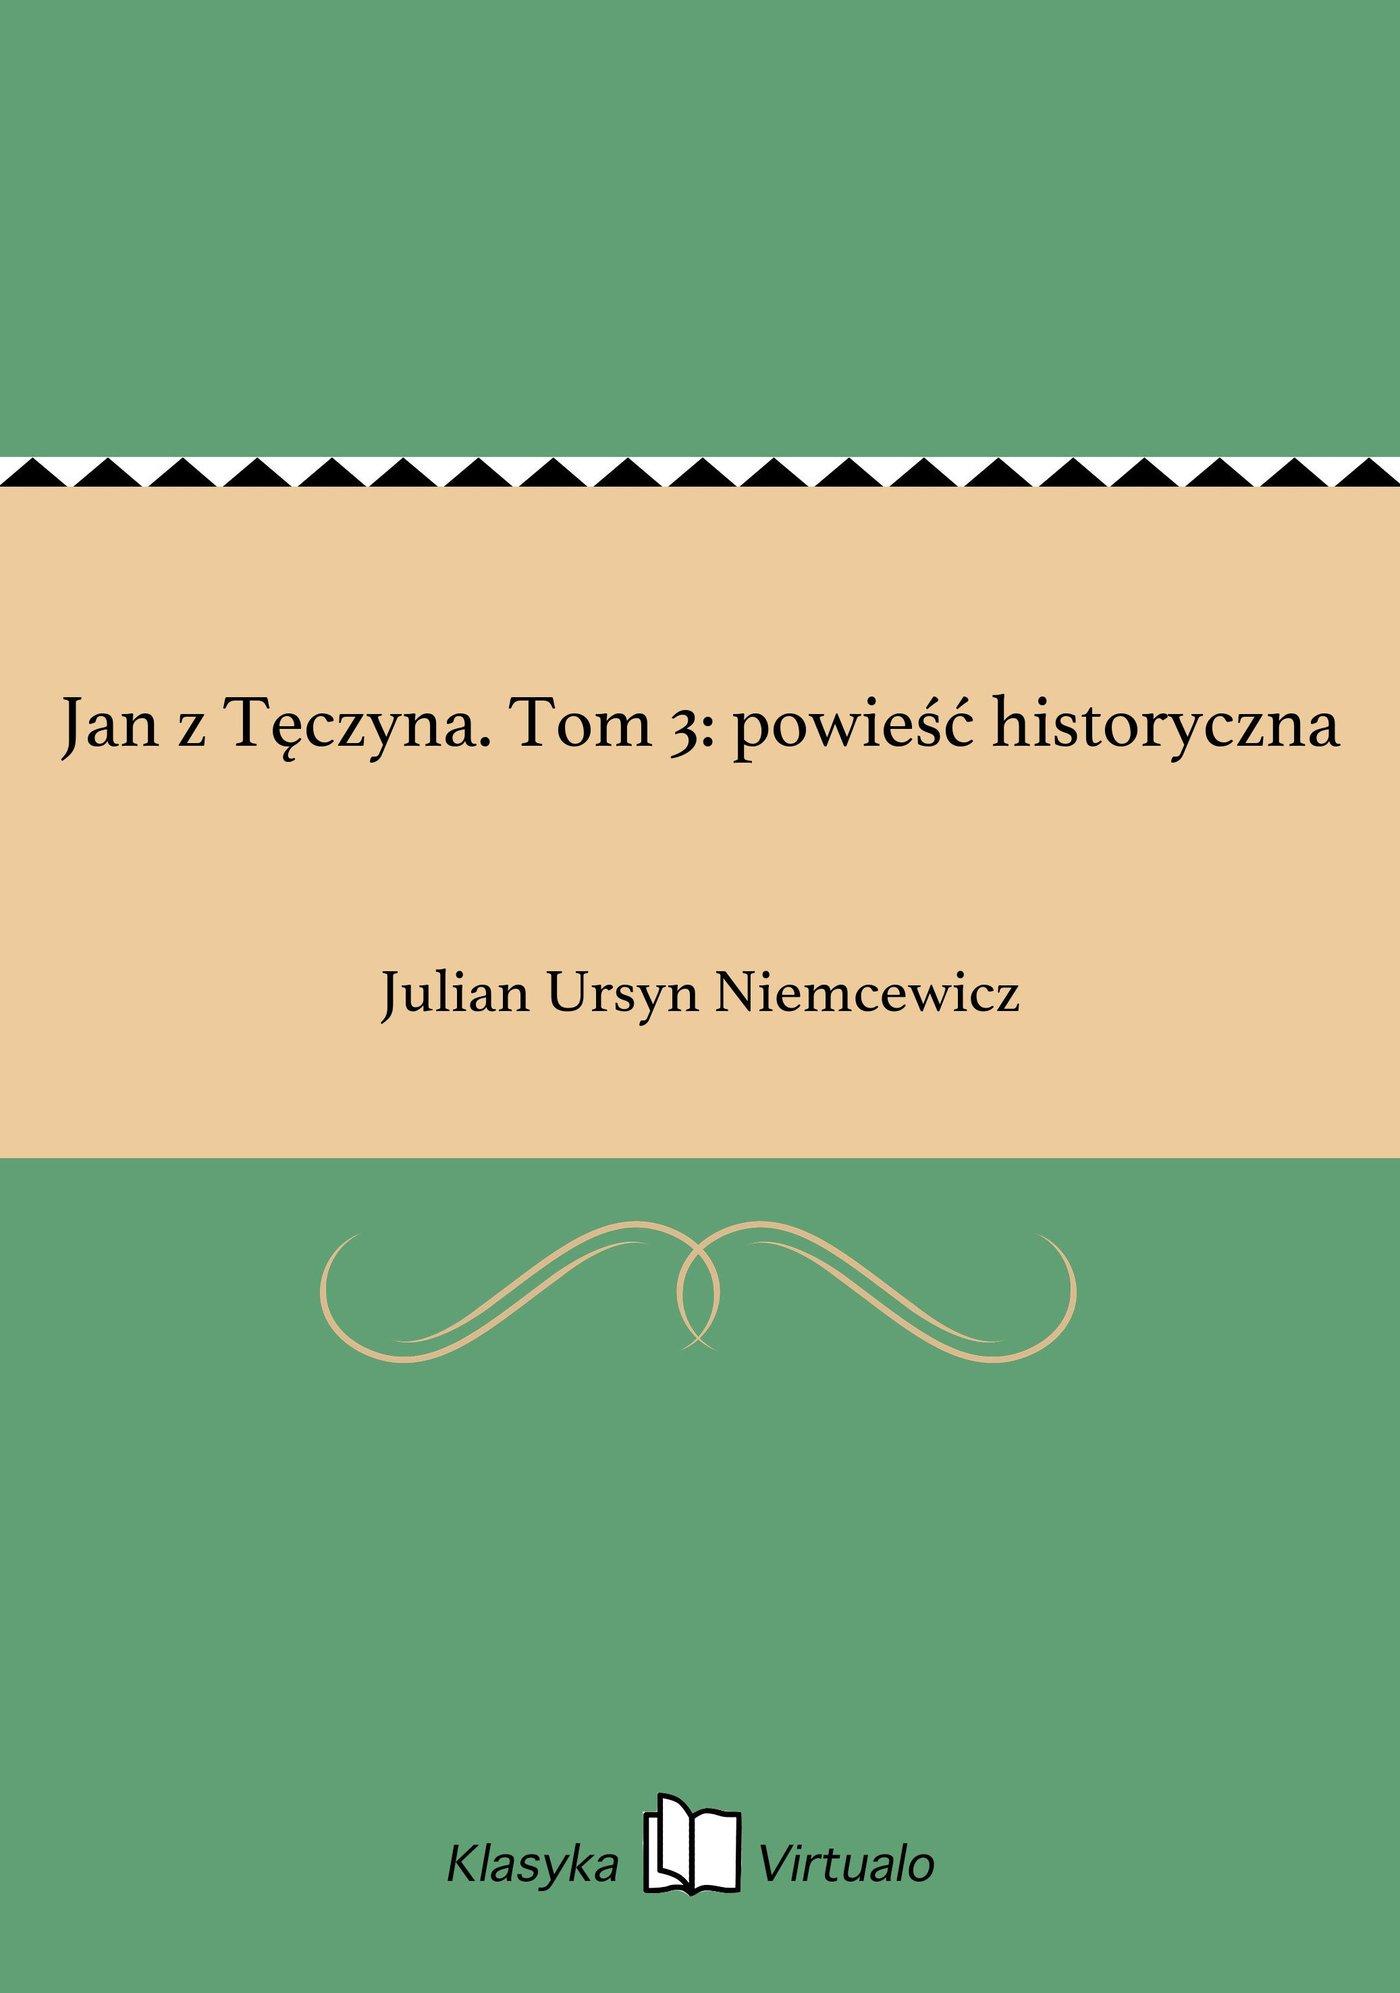 Jan z Tęczyna. Tom 3: powieść historyczna - Ebook (Książka EPUB) do pobrania w formacie EPUB